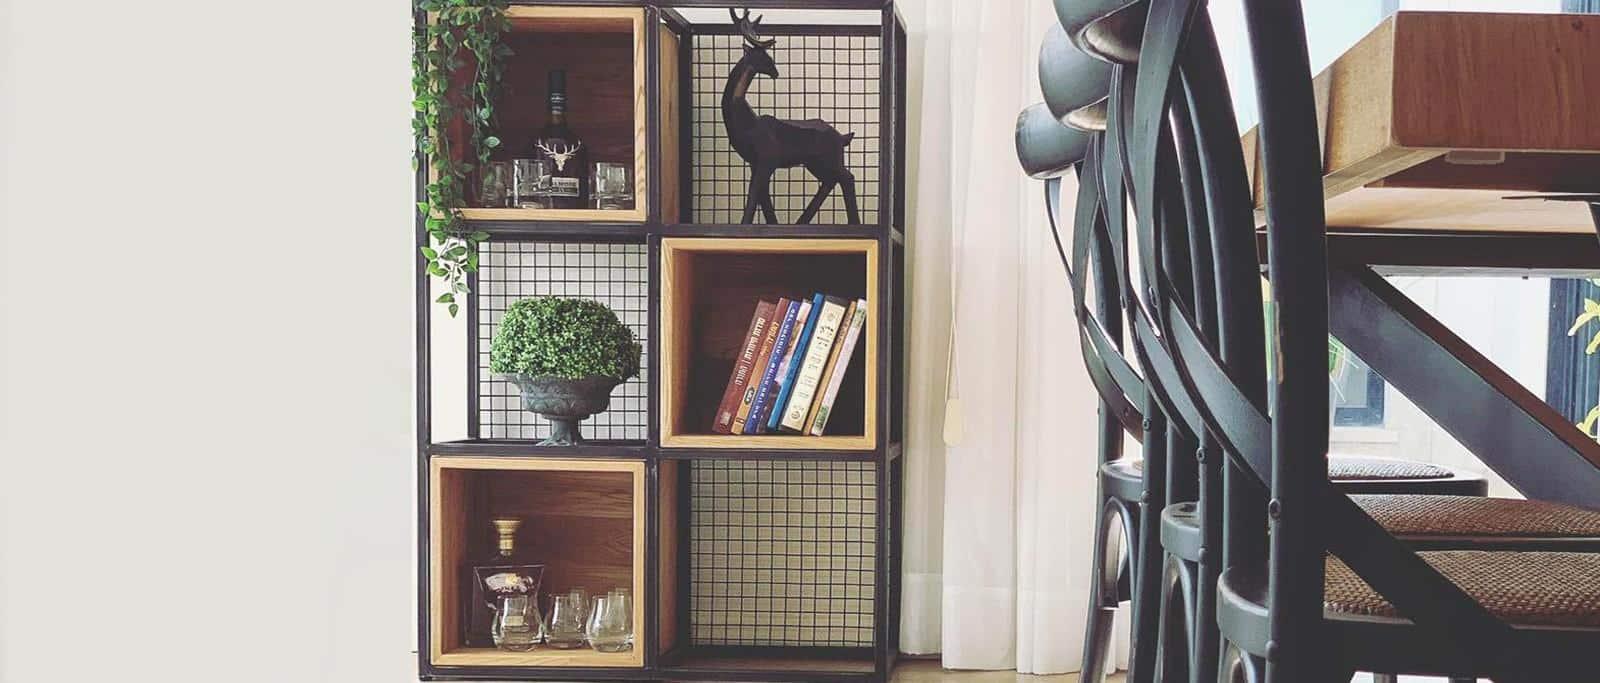 רהיטים לעיצוב חללי עבודה